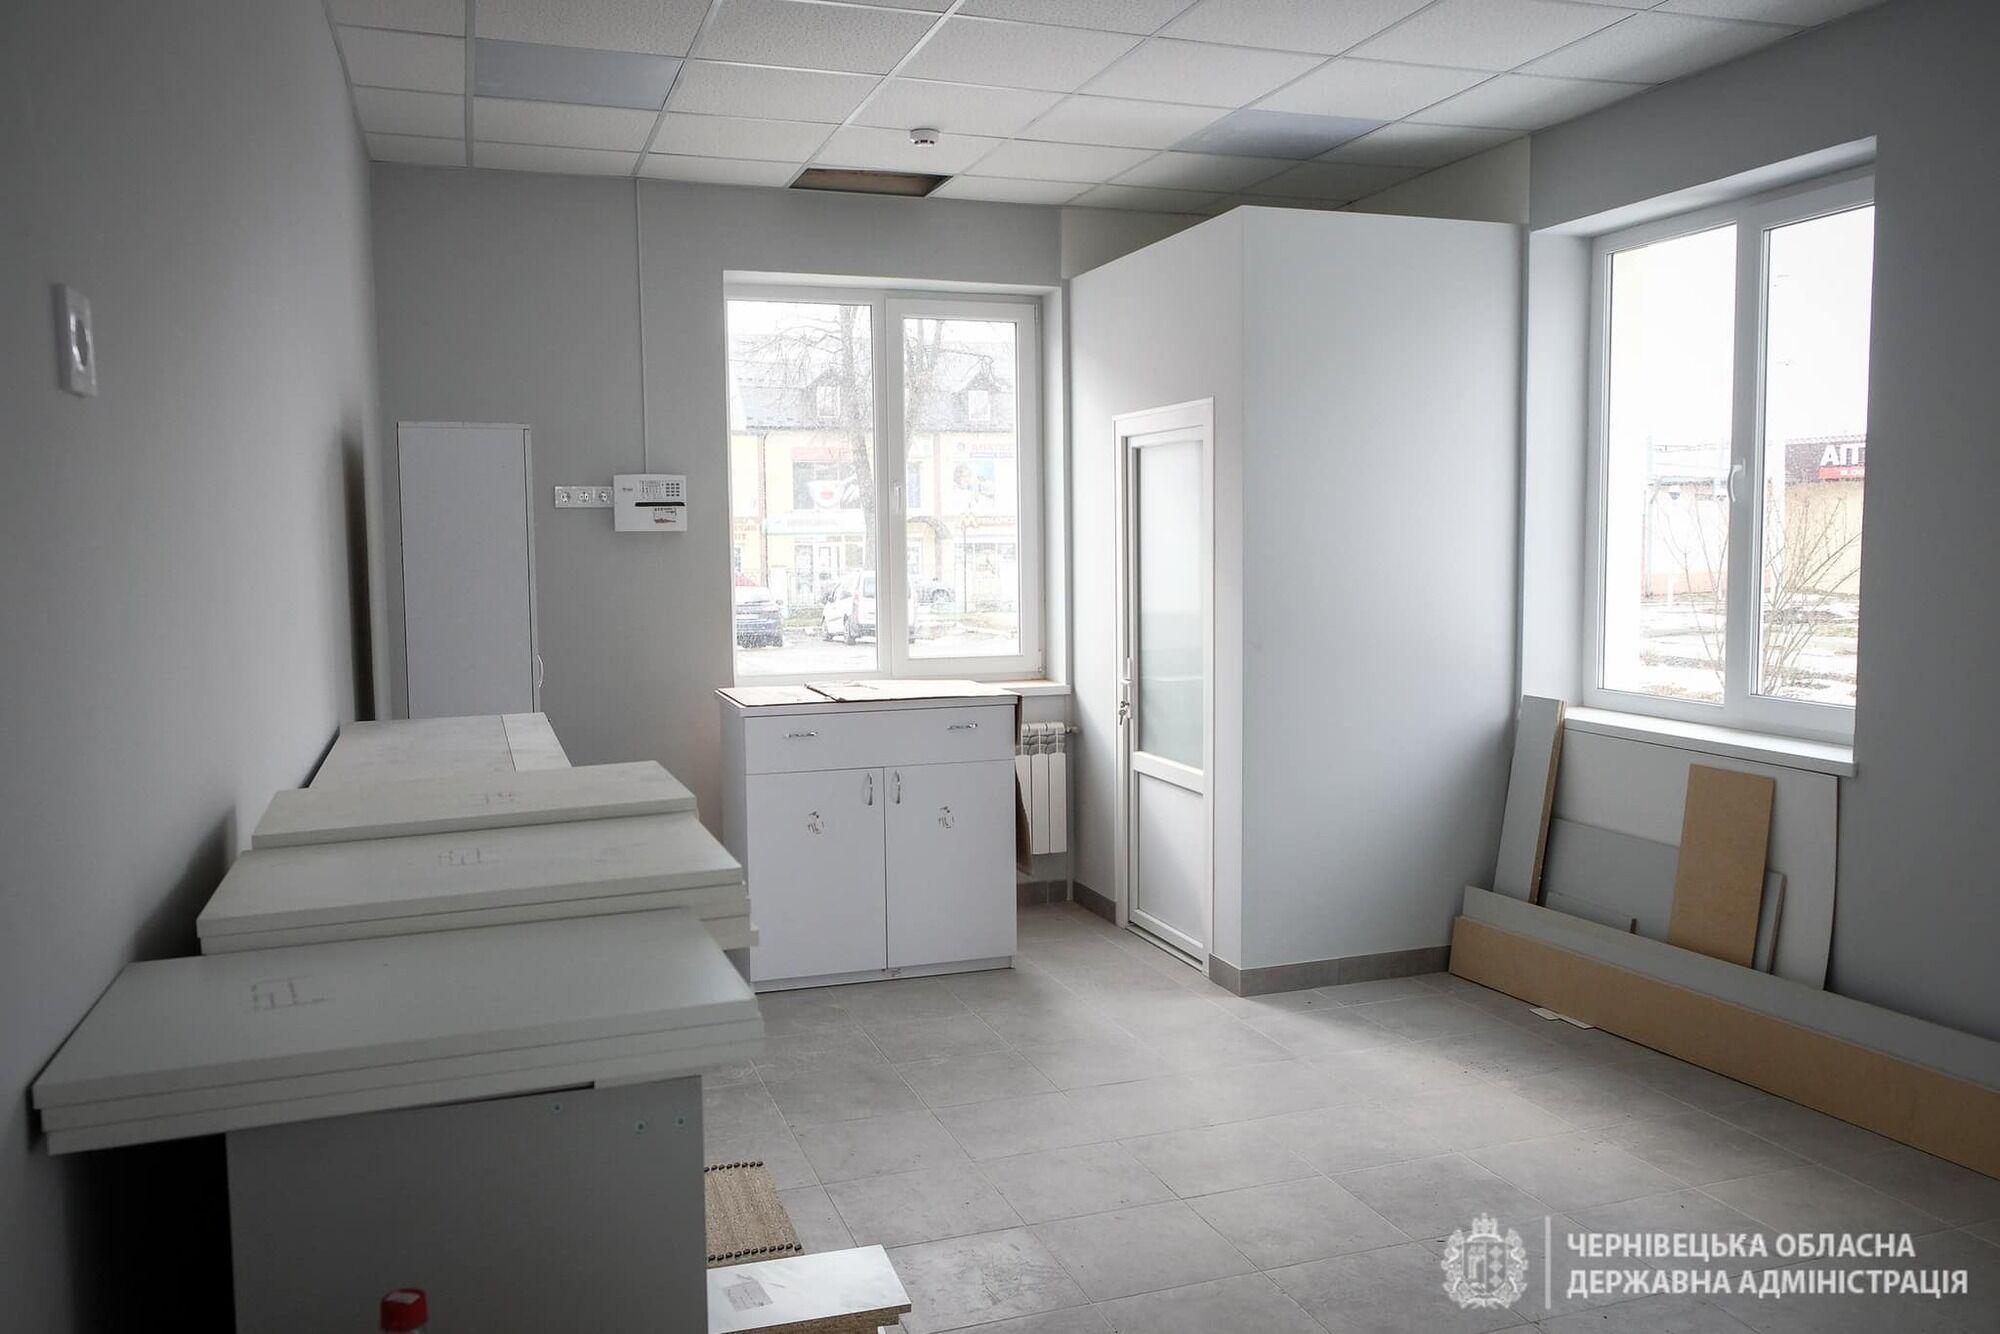 Новое приемное отделение в Сторожинецкой райбольнице